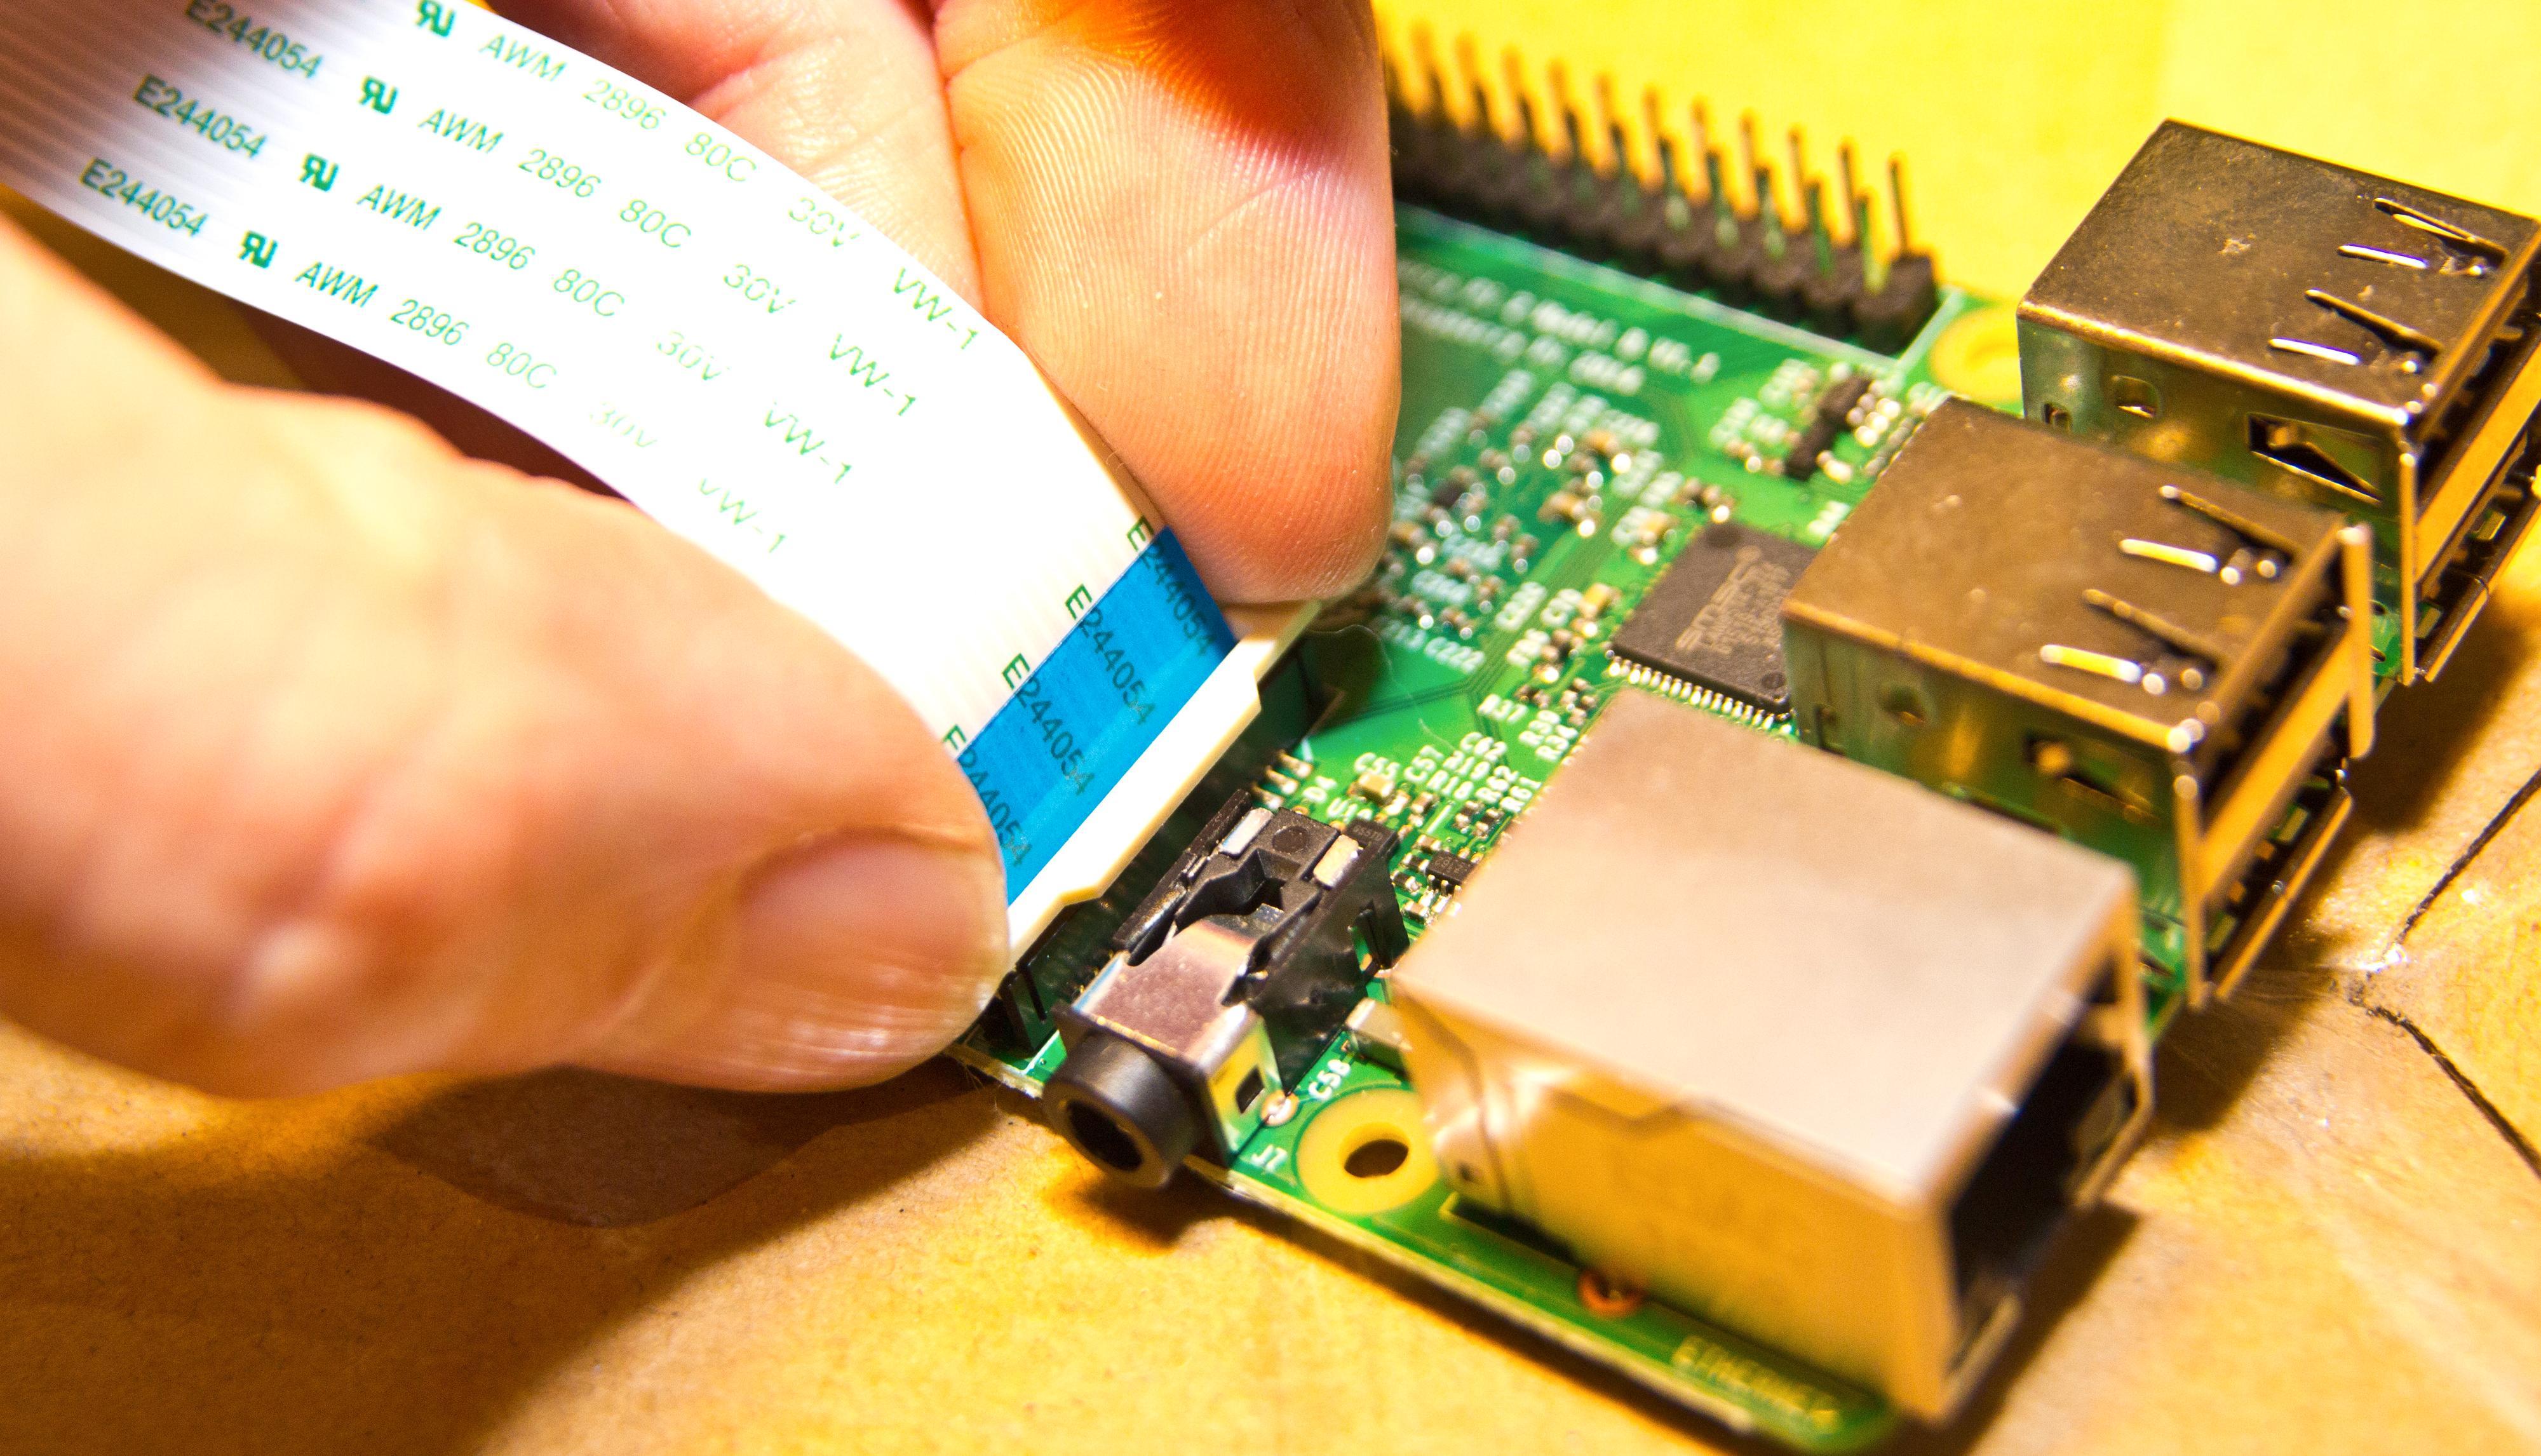 Den mest avanserte delen av monteringen. Skyv kabel på plass, press ned hvit plastlås når kabelen er i bunn. . Bilde: Rolf B. Wegner, Tek.no